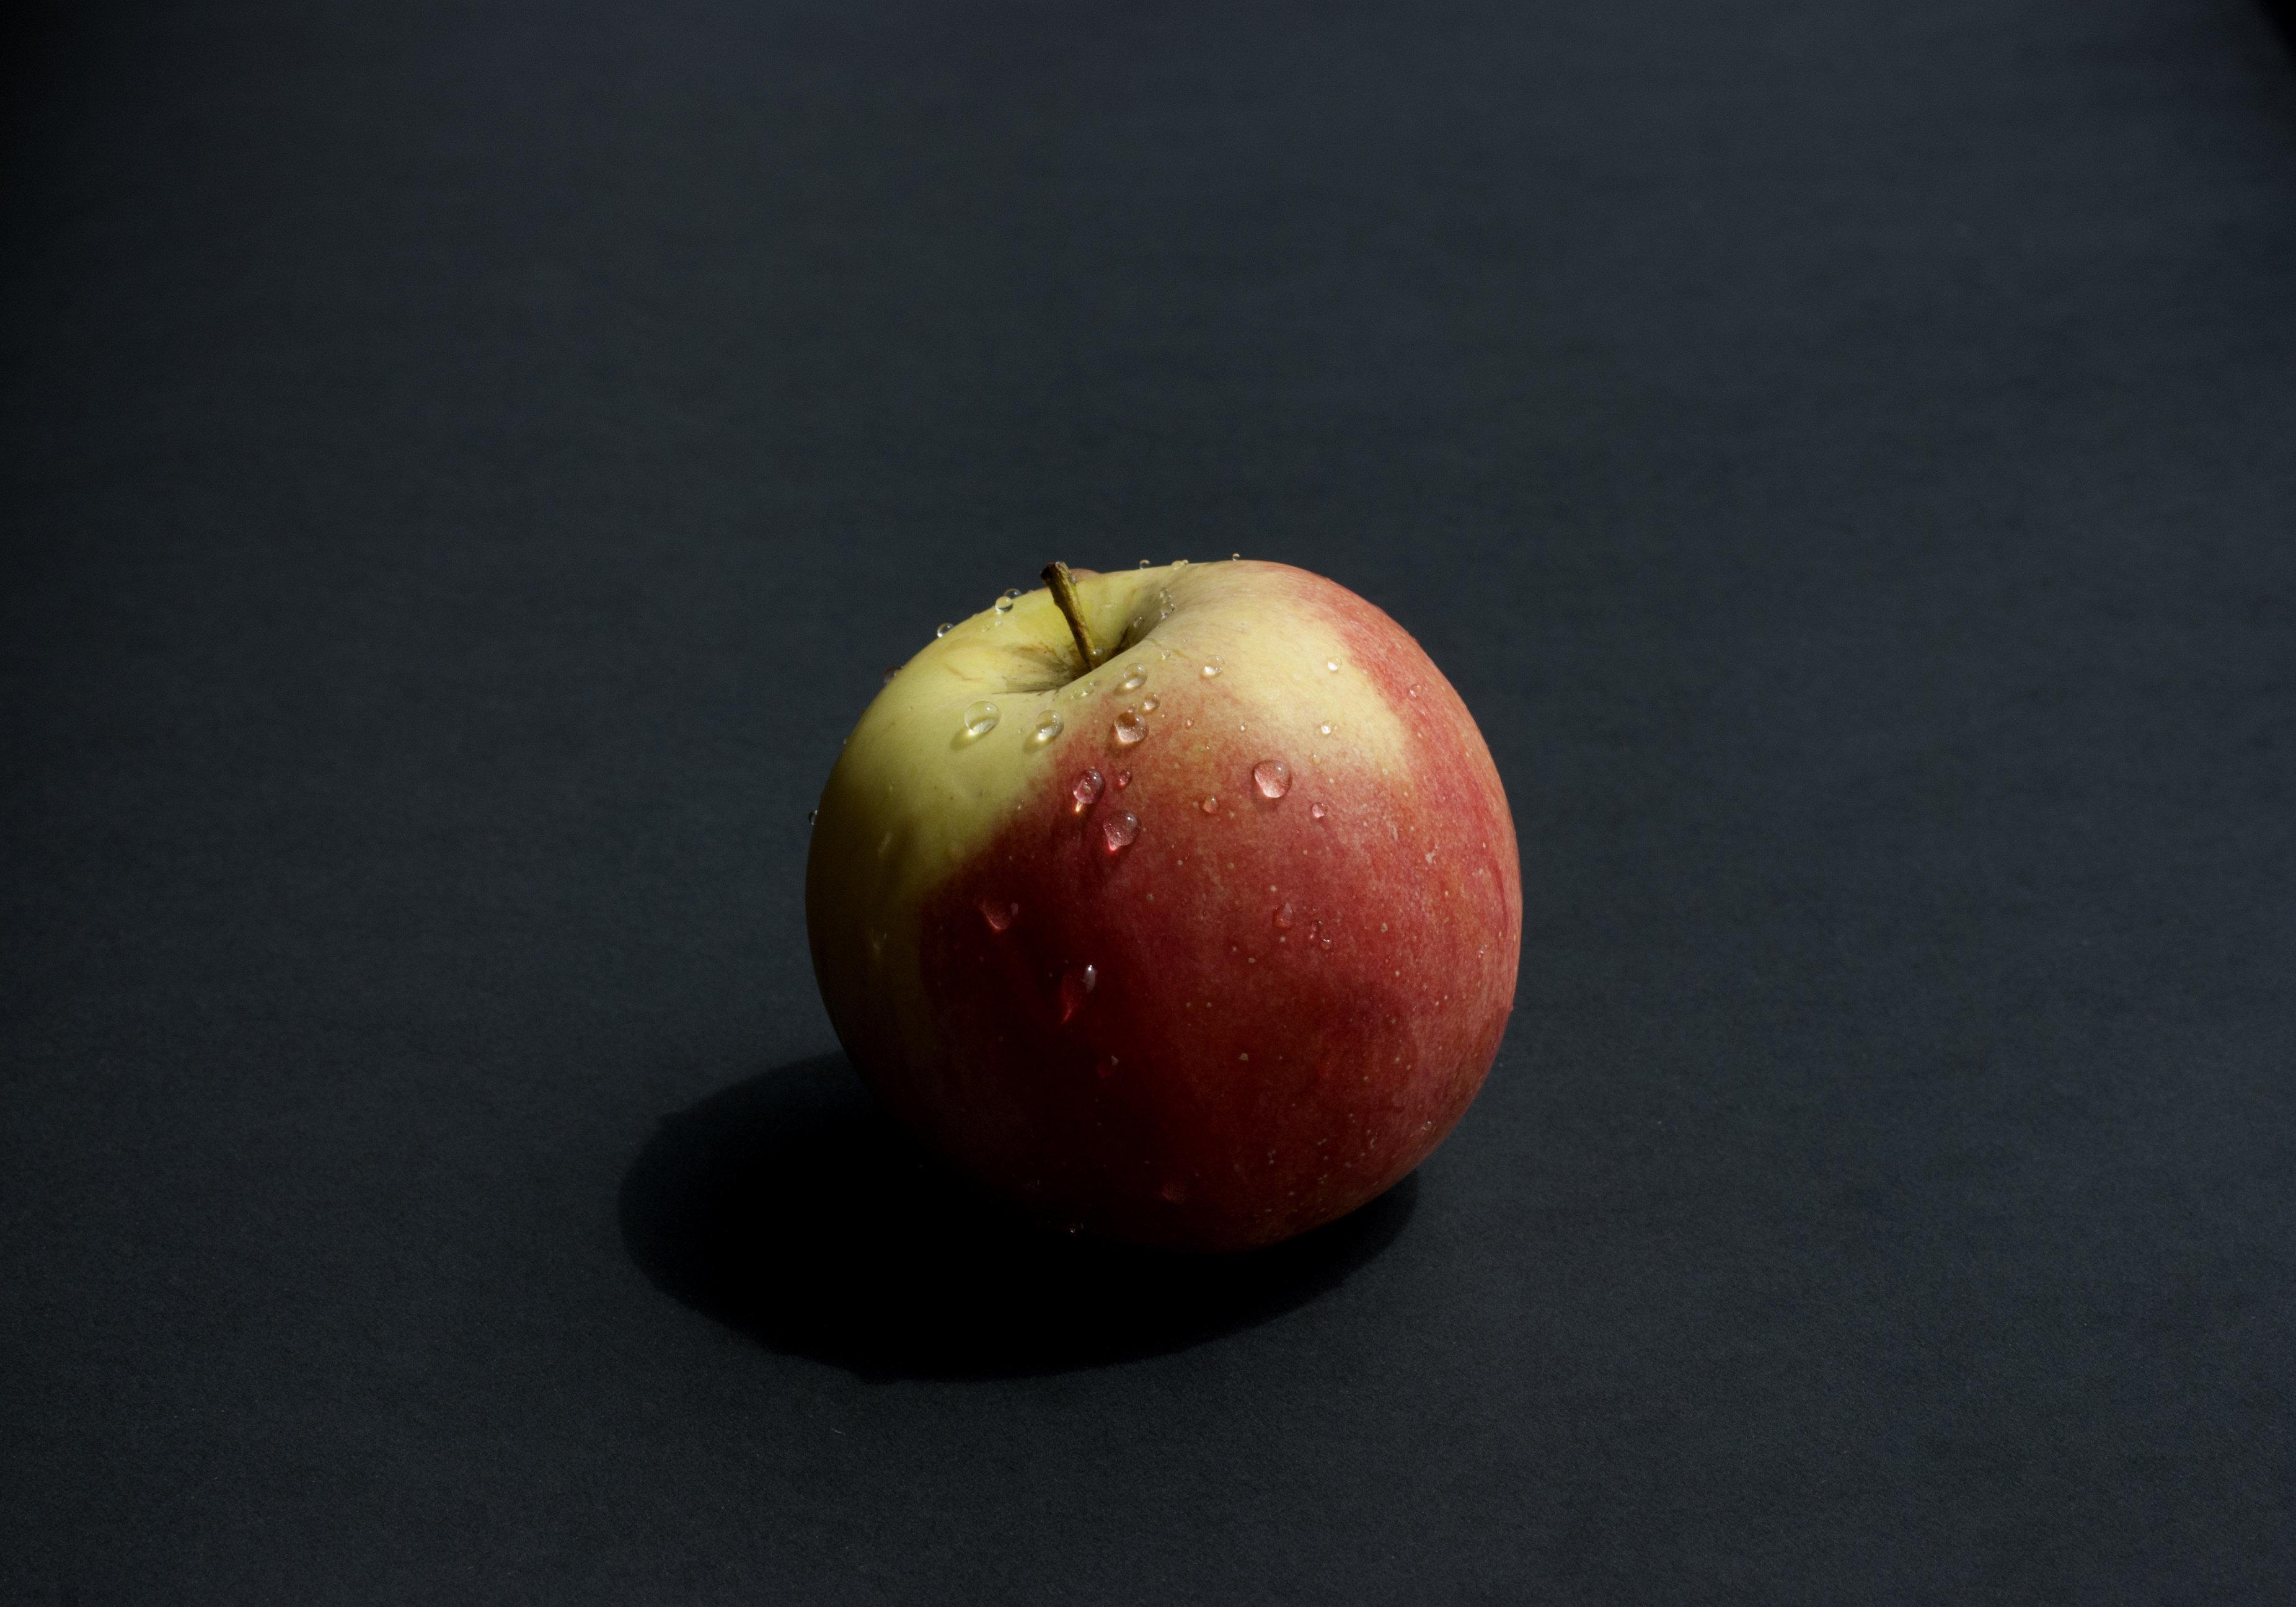 비행기에서 준 공짜 사과를 들고 내린 승객에게 벌어진